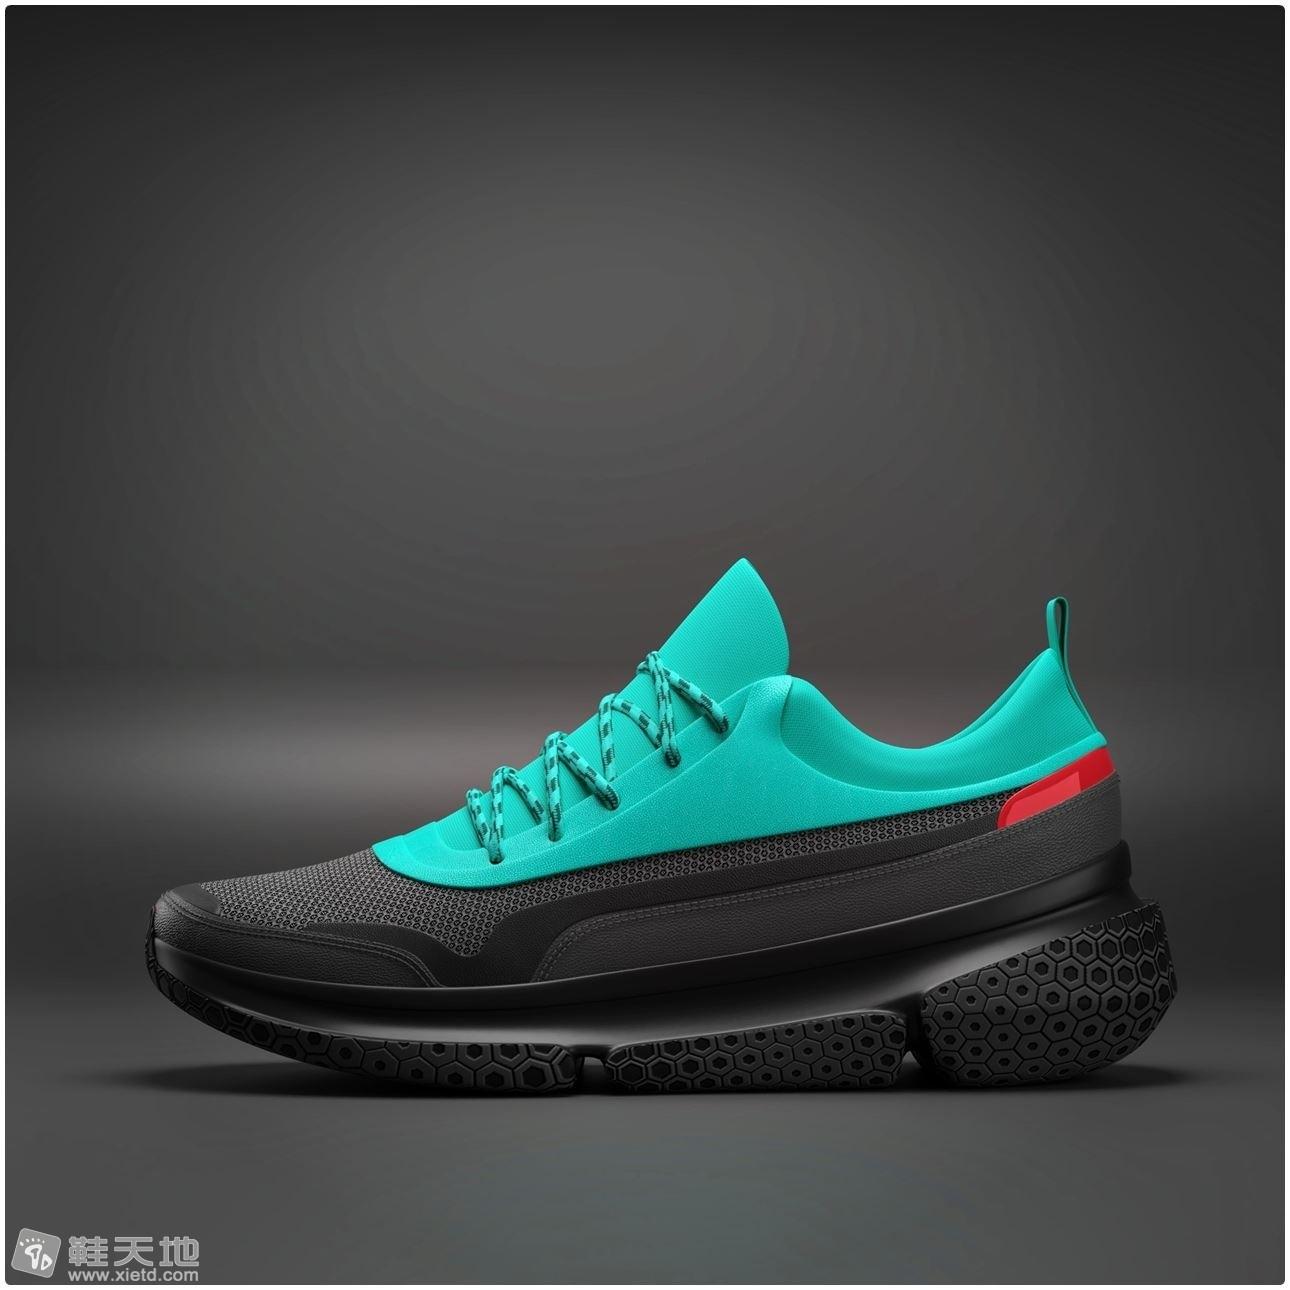 Sneaker concept (10).jpg